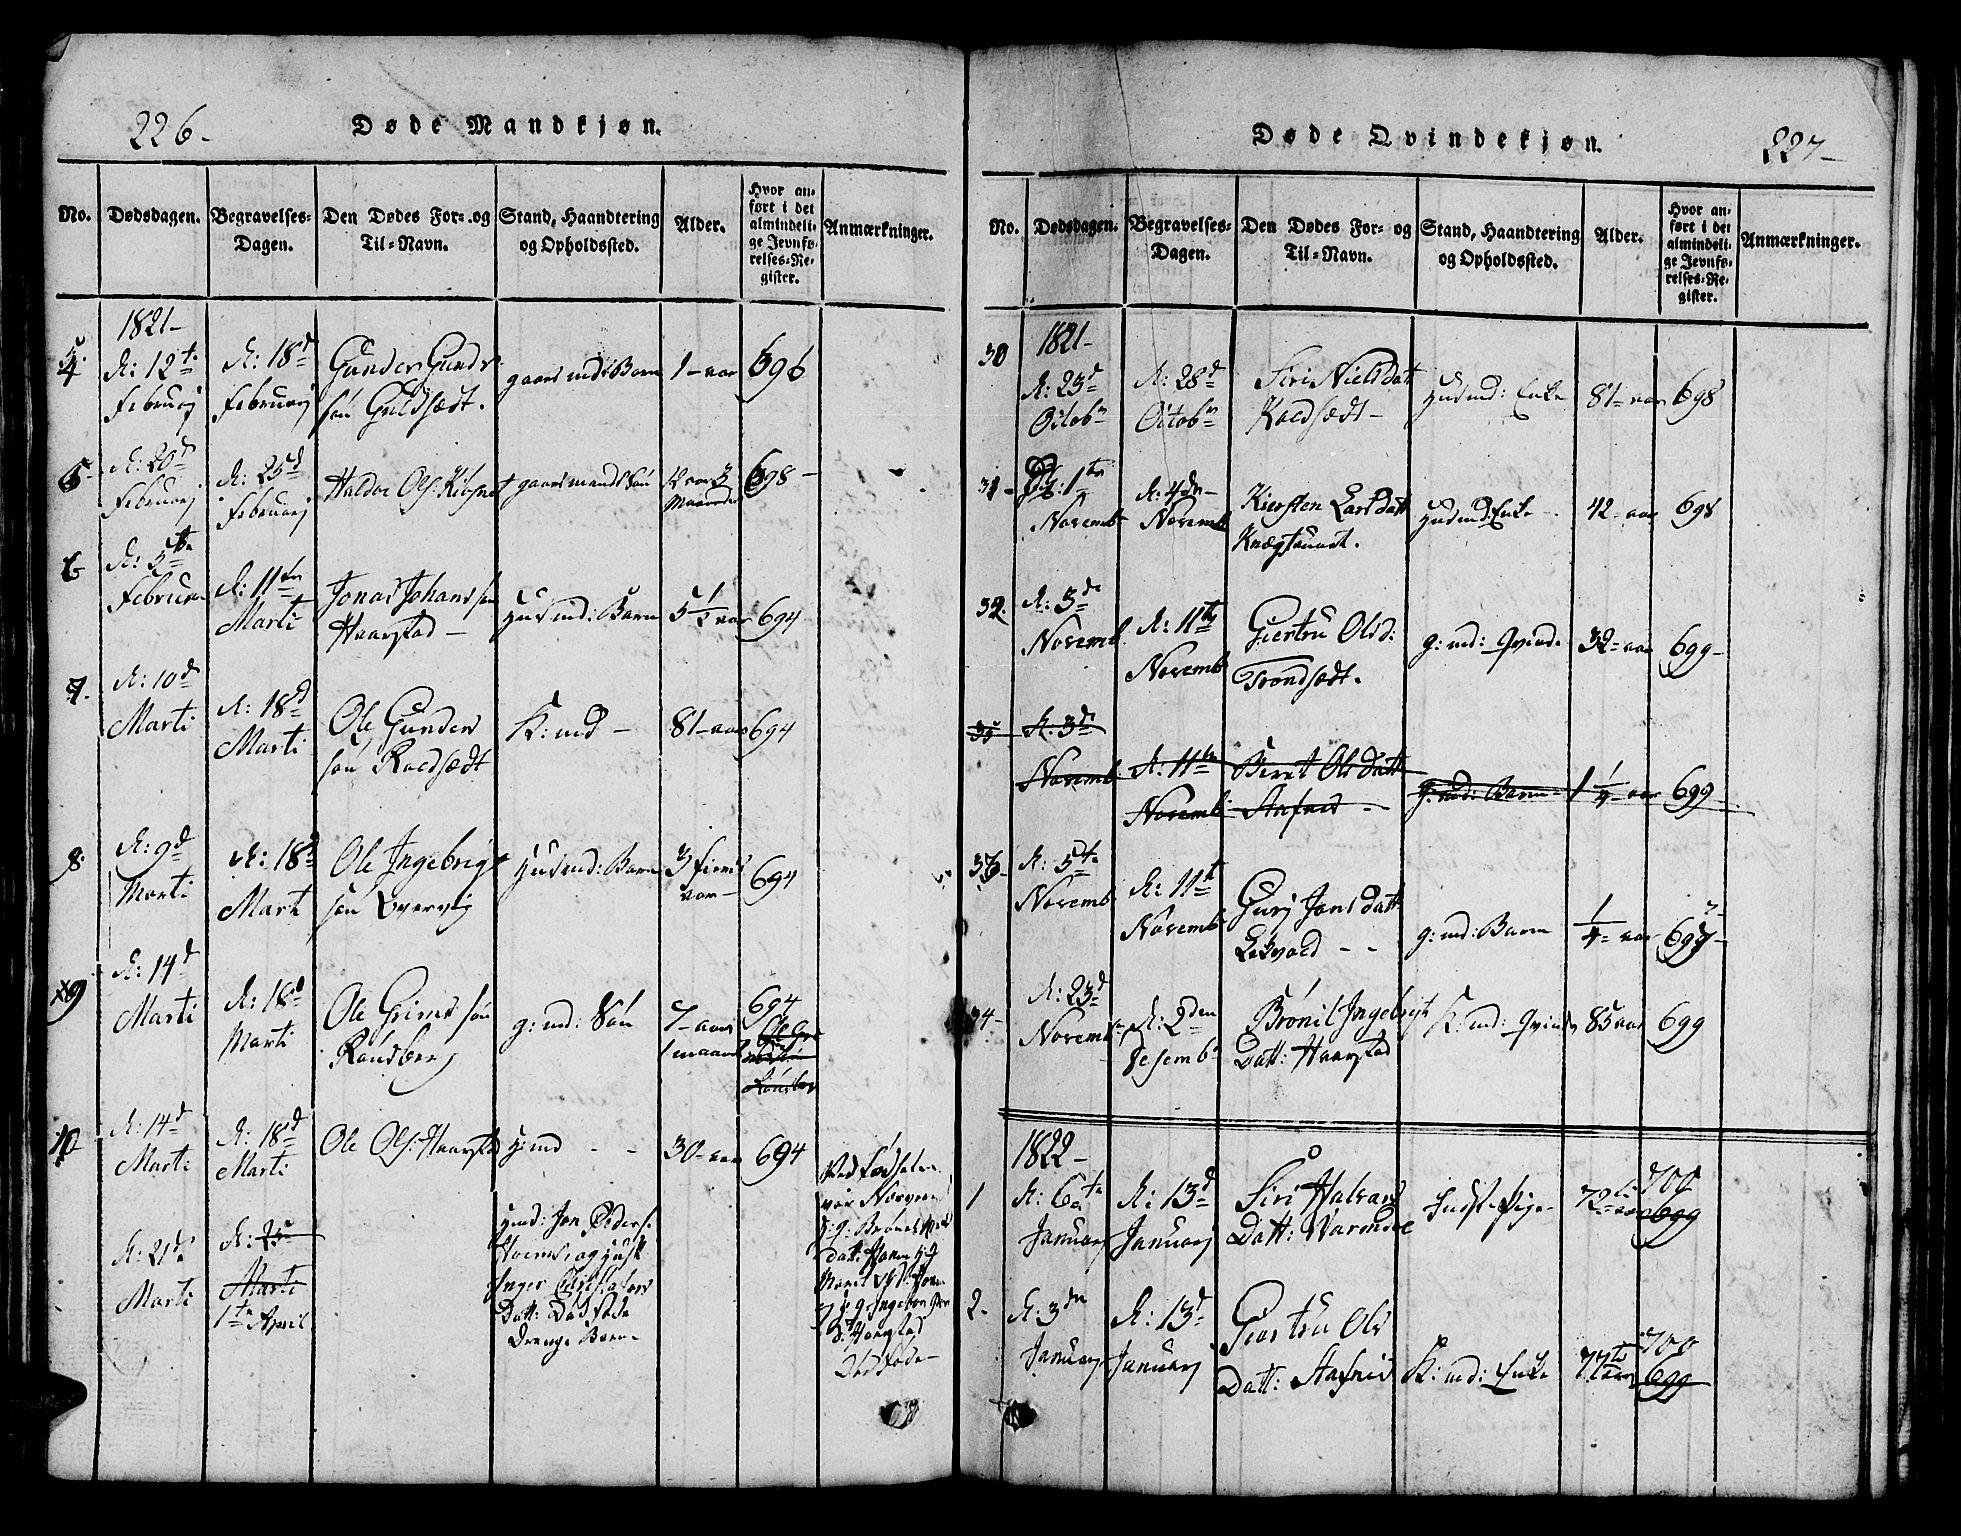 SAT, Ministerialprotokoller, klokkerbøker og fødselsregistre - Sør-Trøndelag, 695/L1152: Klokkerbok nr. 695C03, 1816-1831, s. 226-227